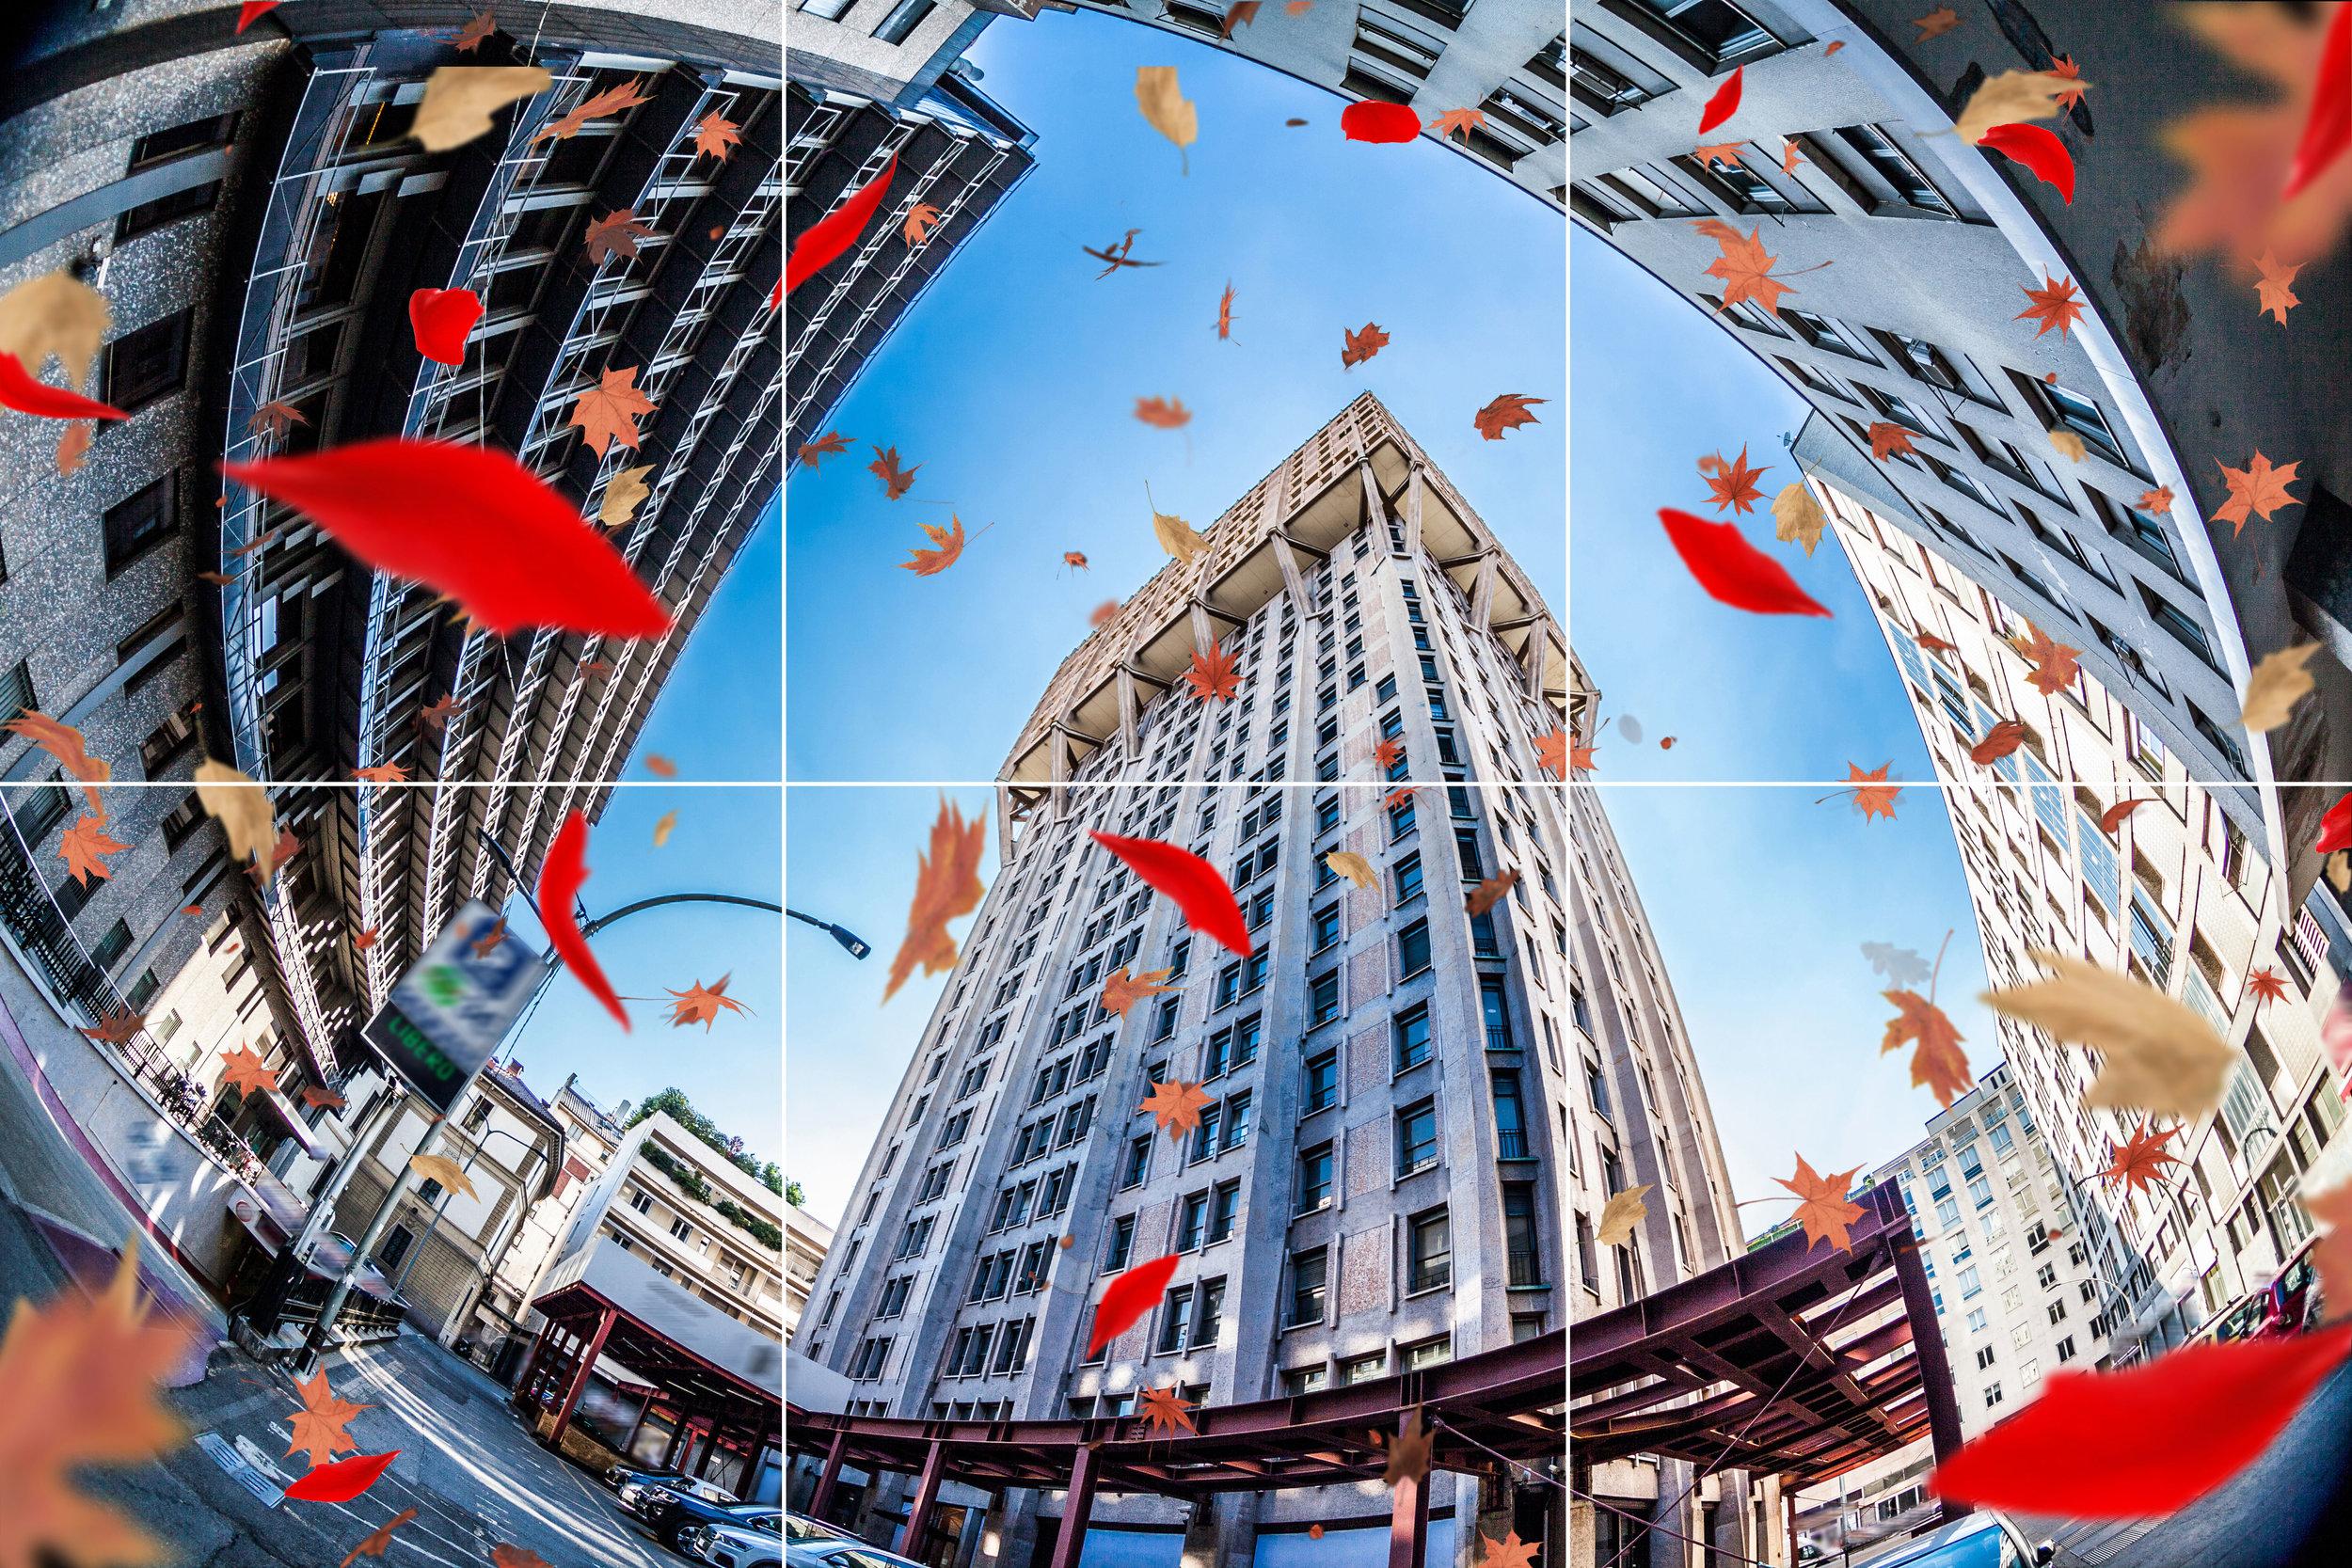 Mosaico Come Si Realizza come si fanno i post a mosaico su instagram — flarescape